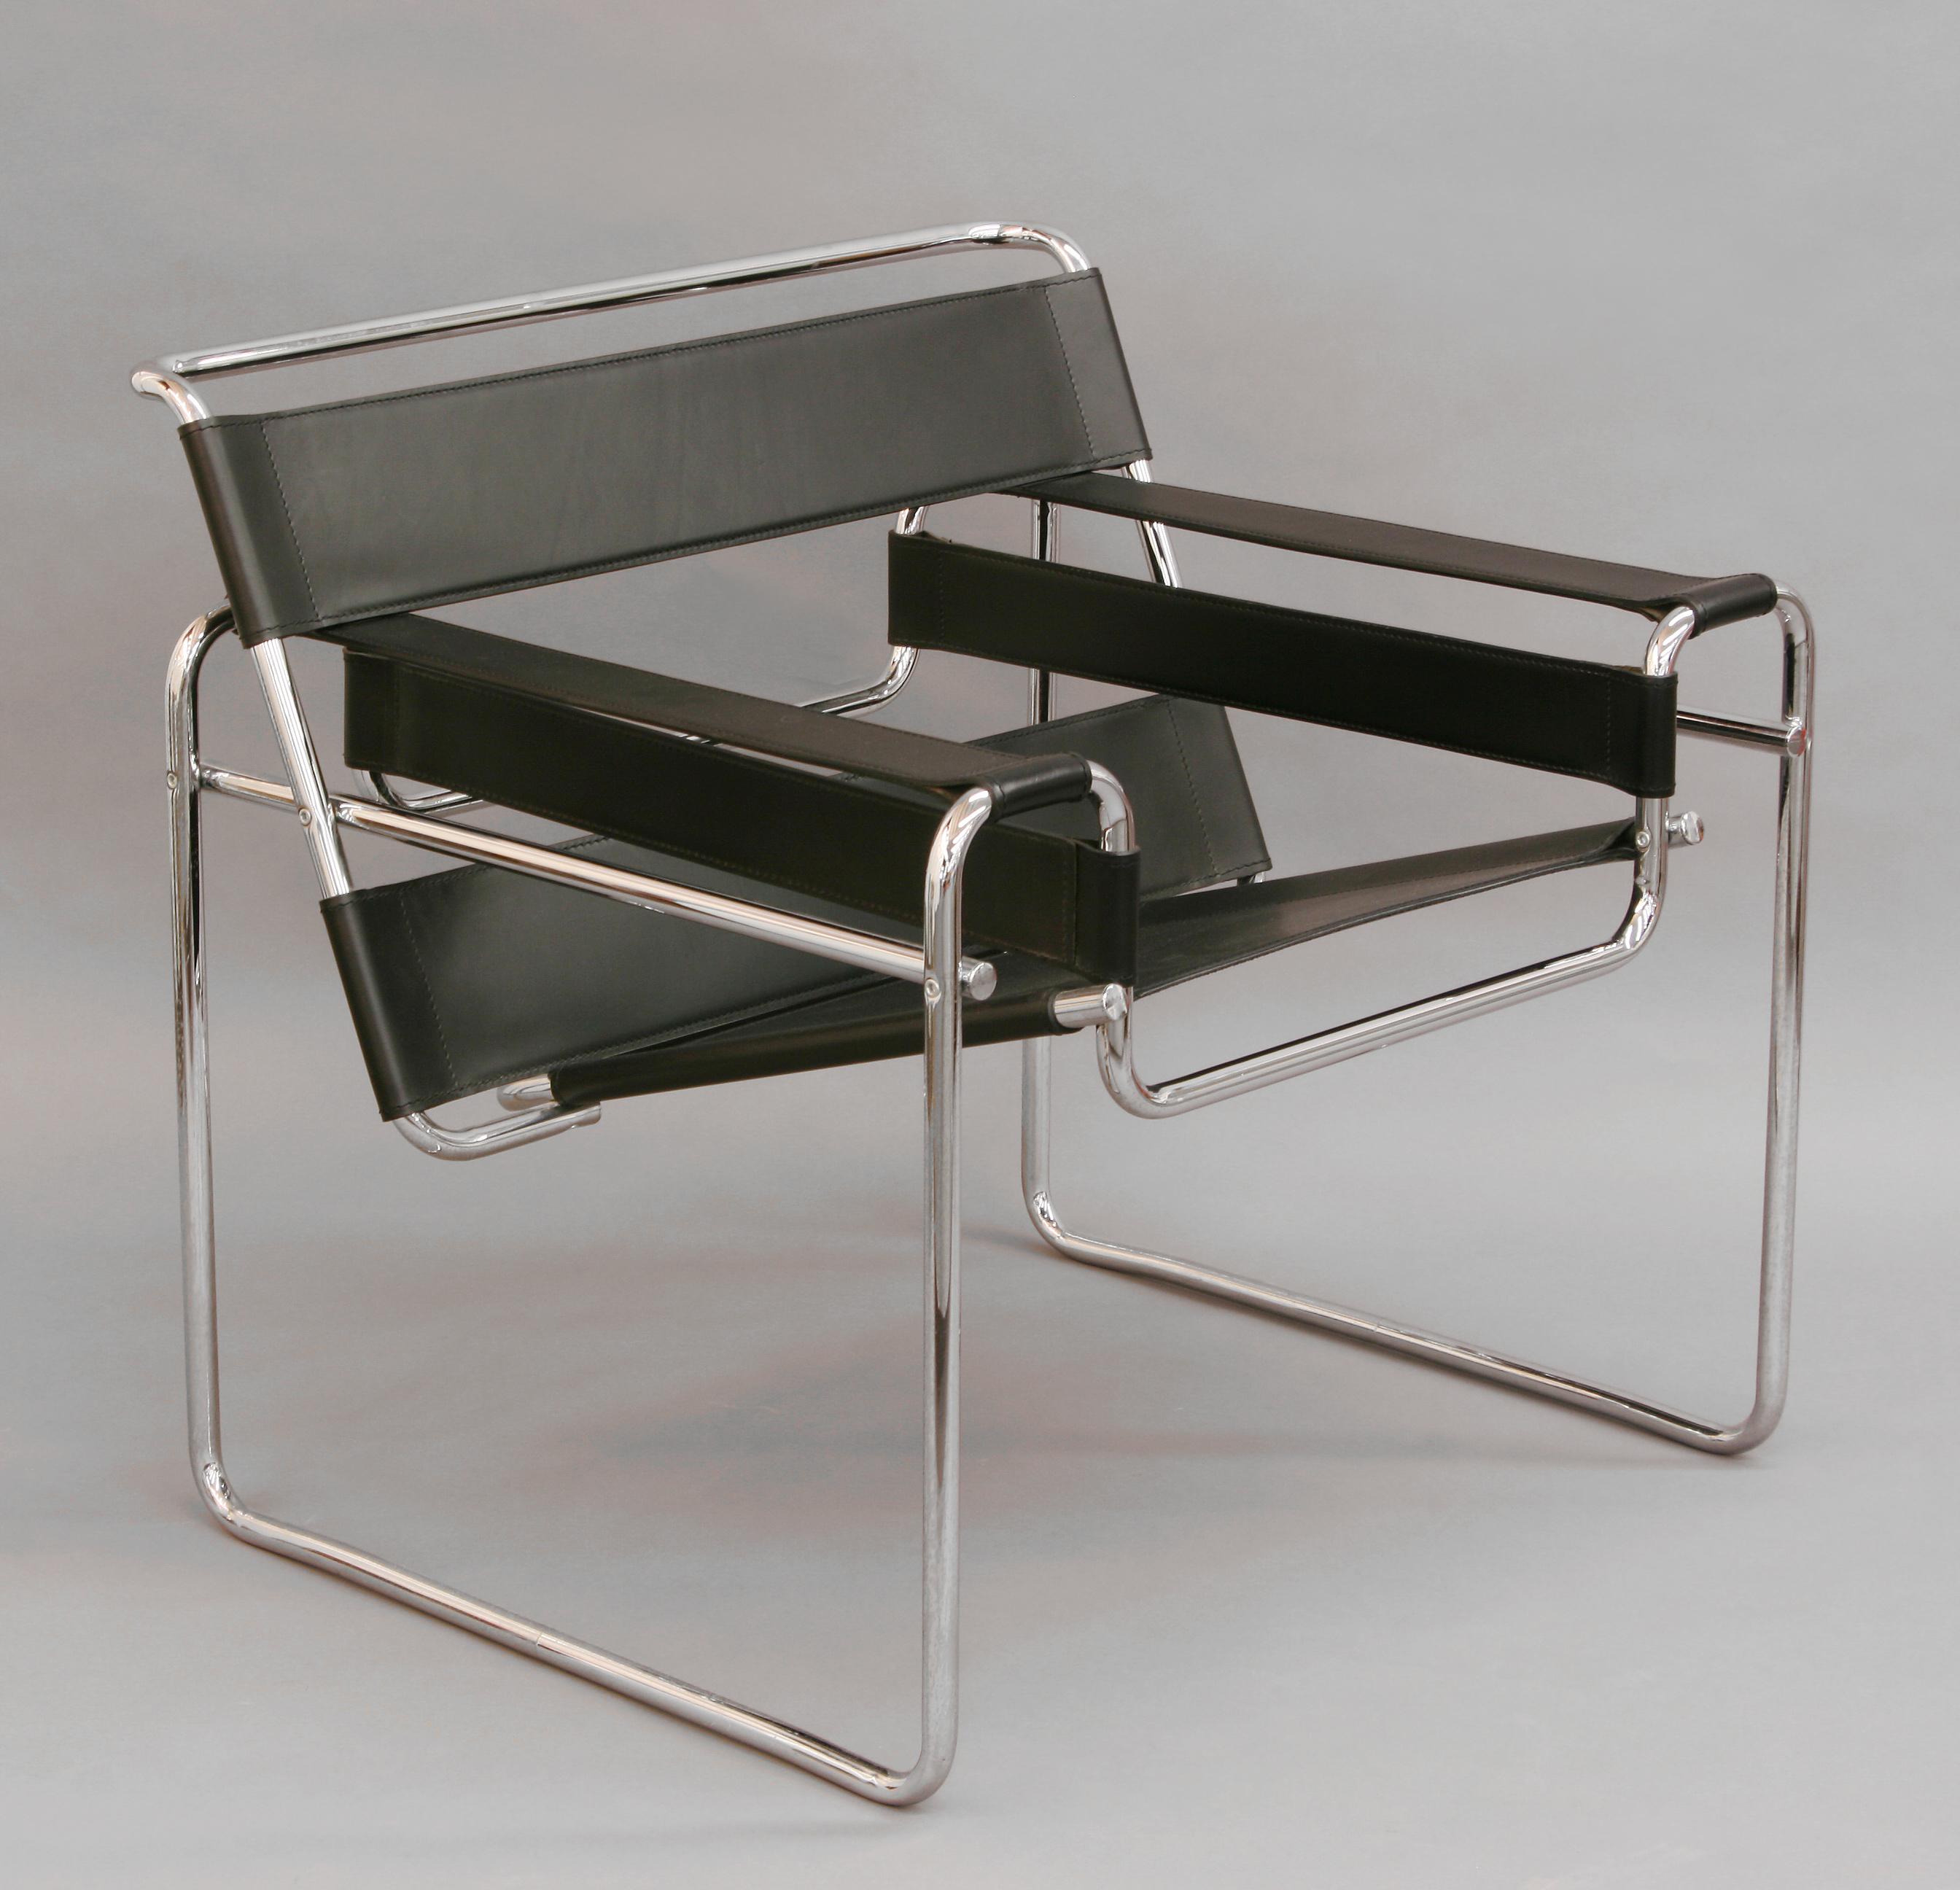 Stuhl europ ische barbecue bar hocker bar hocker for Wassily stuhl design analyse